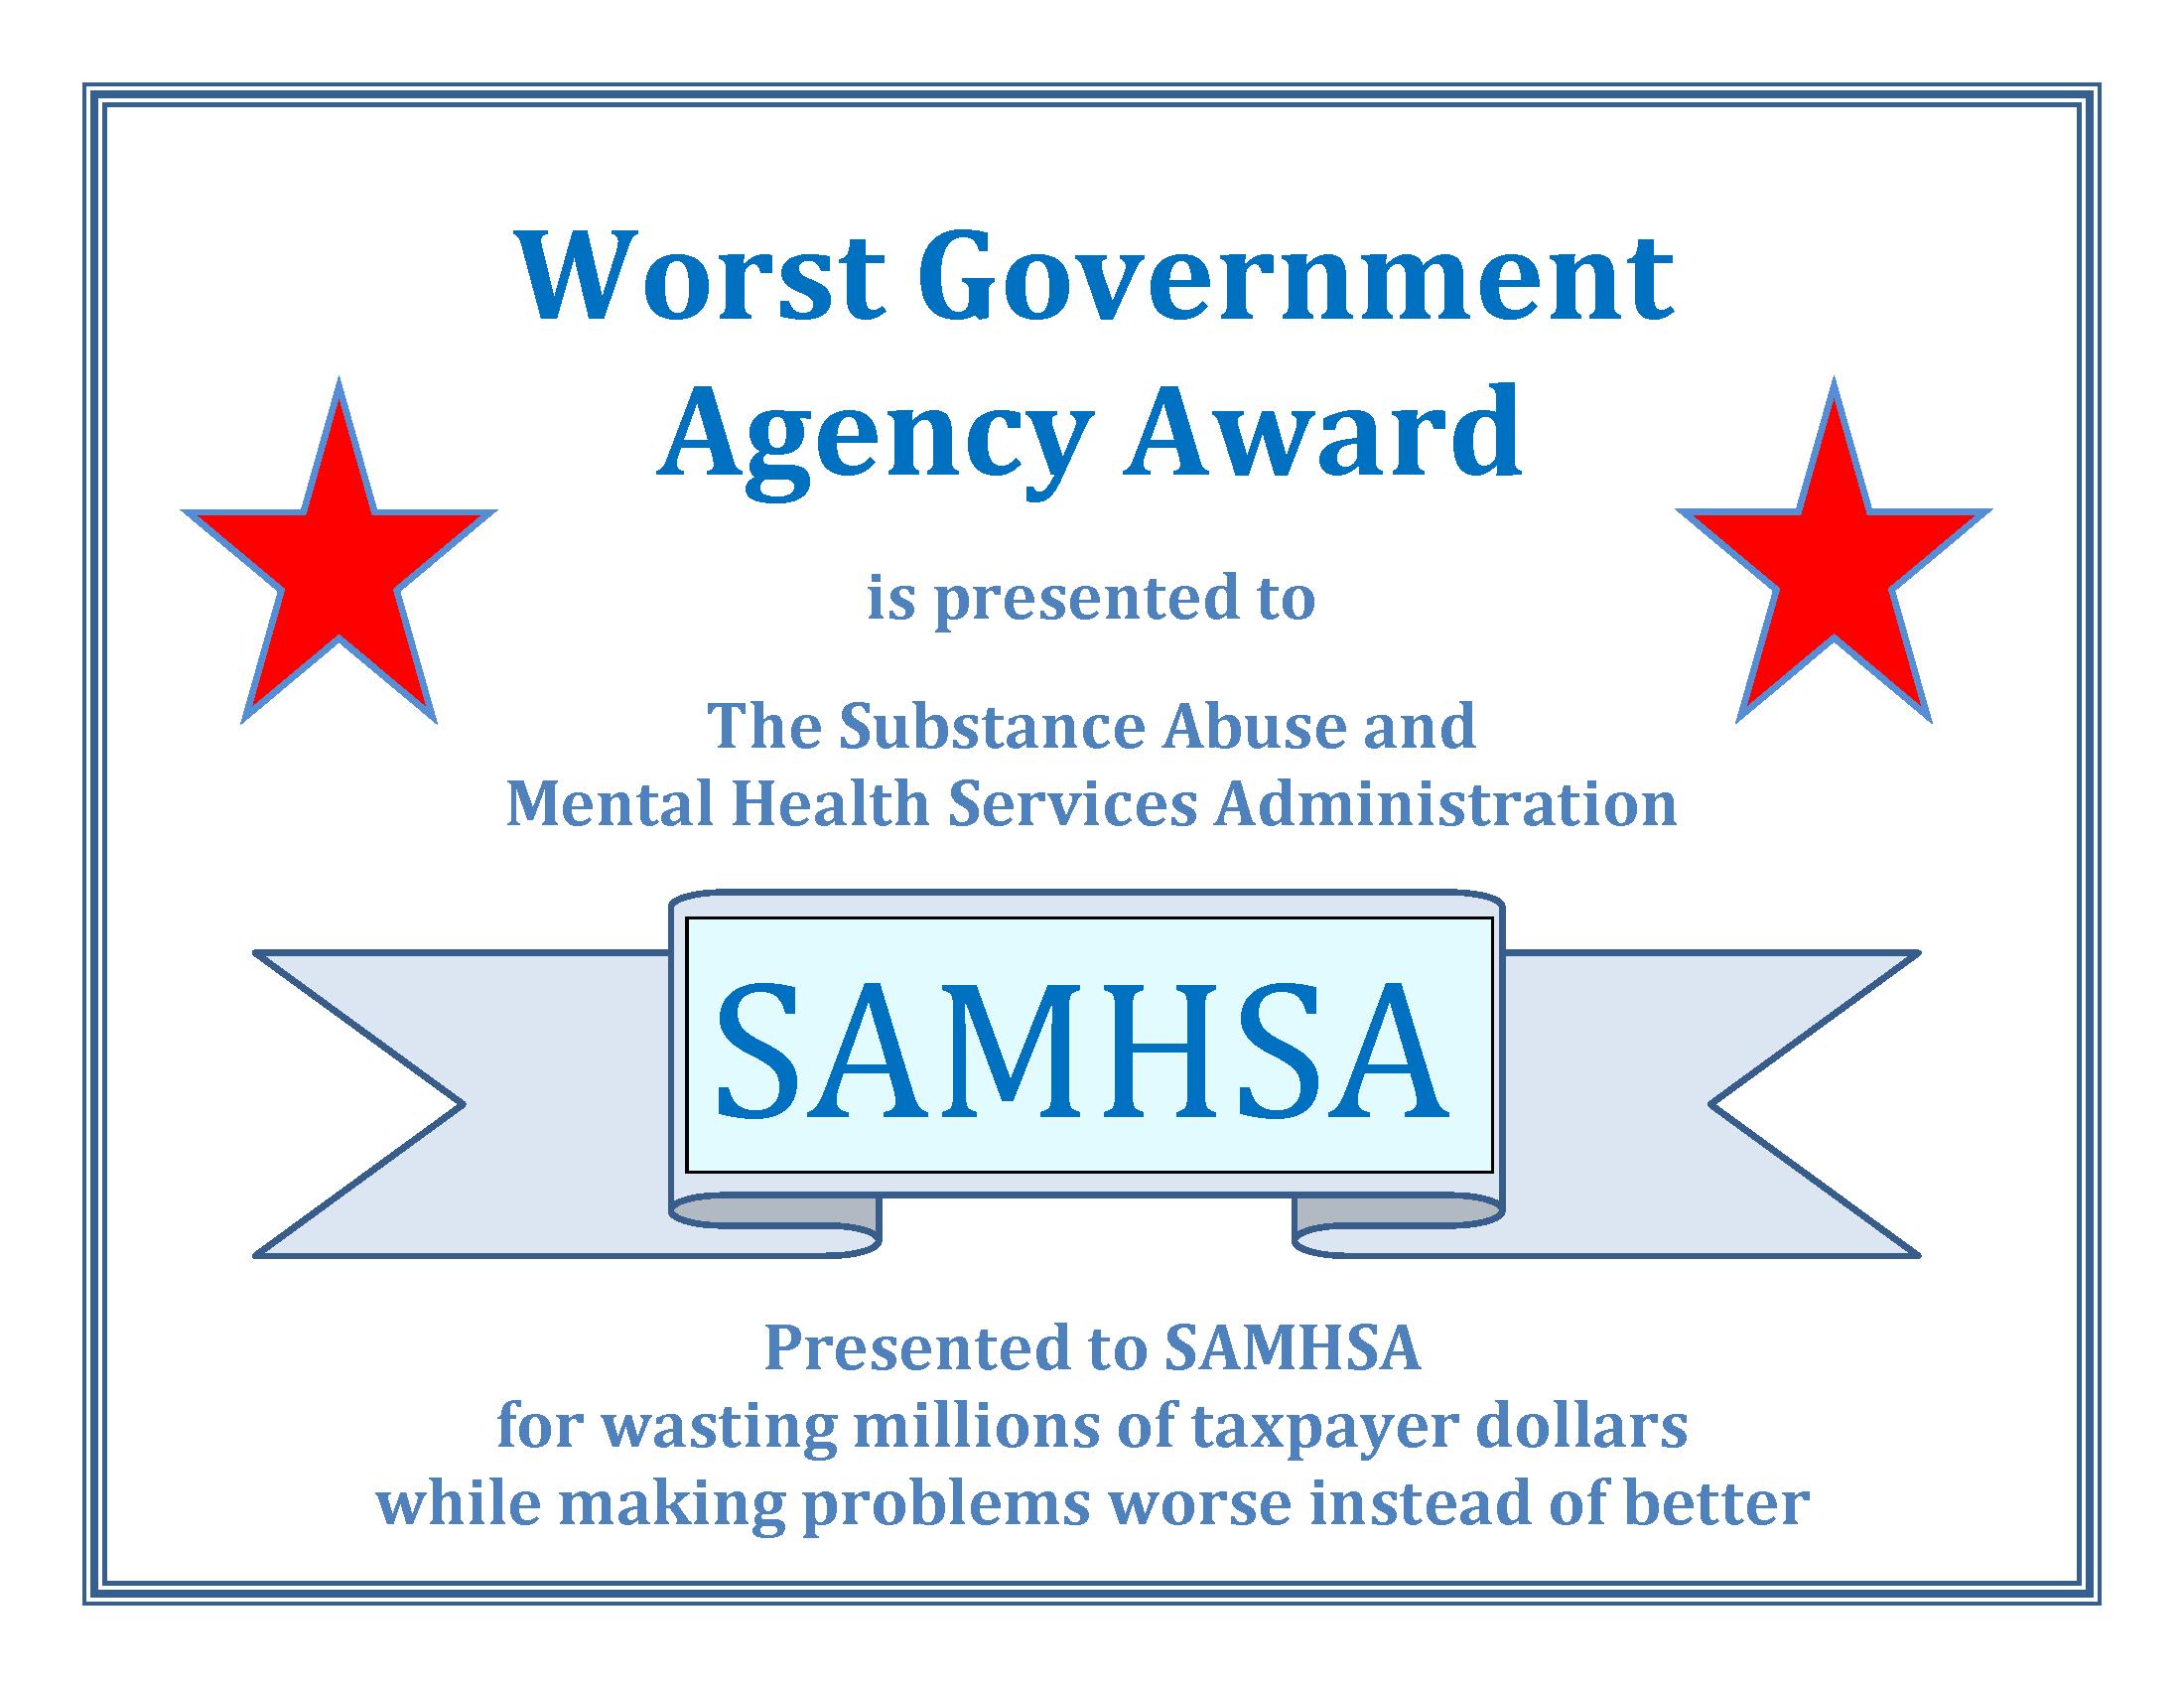 samhsa-award-stars